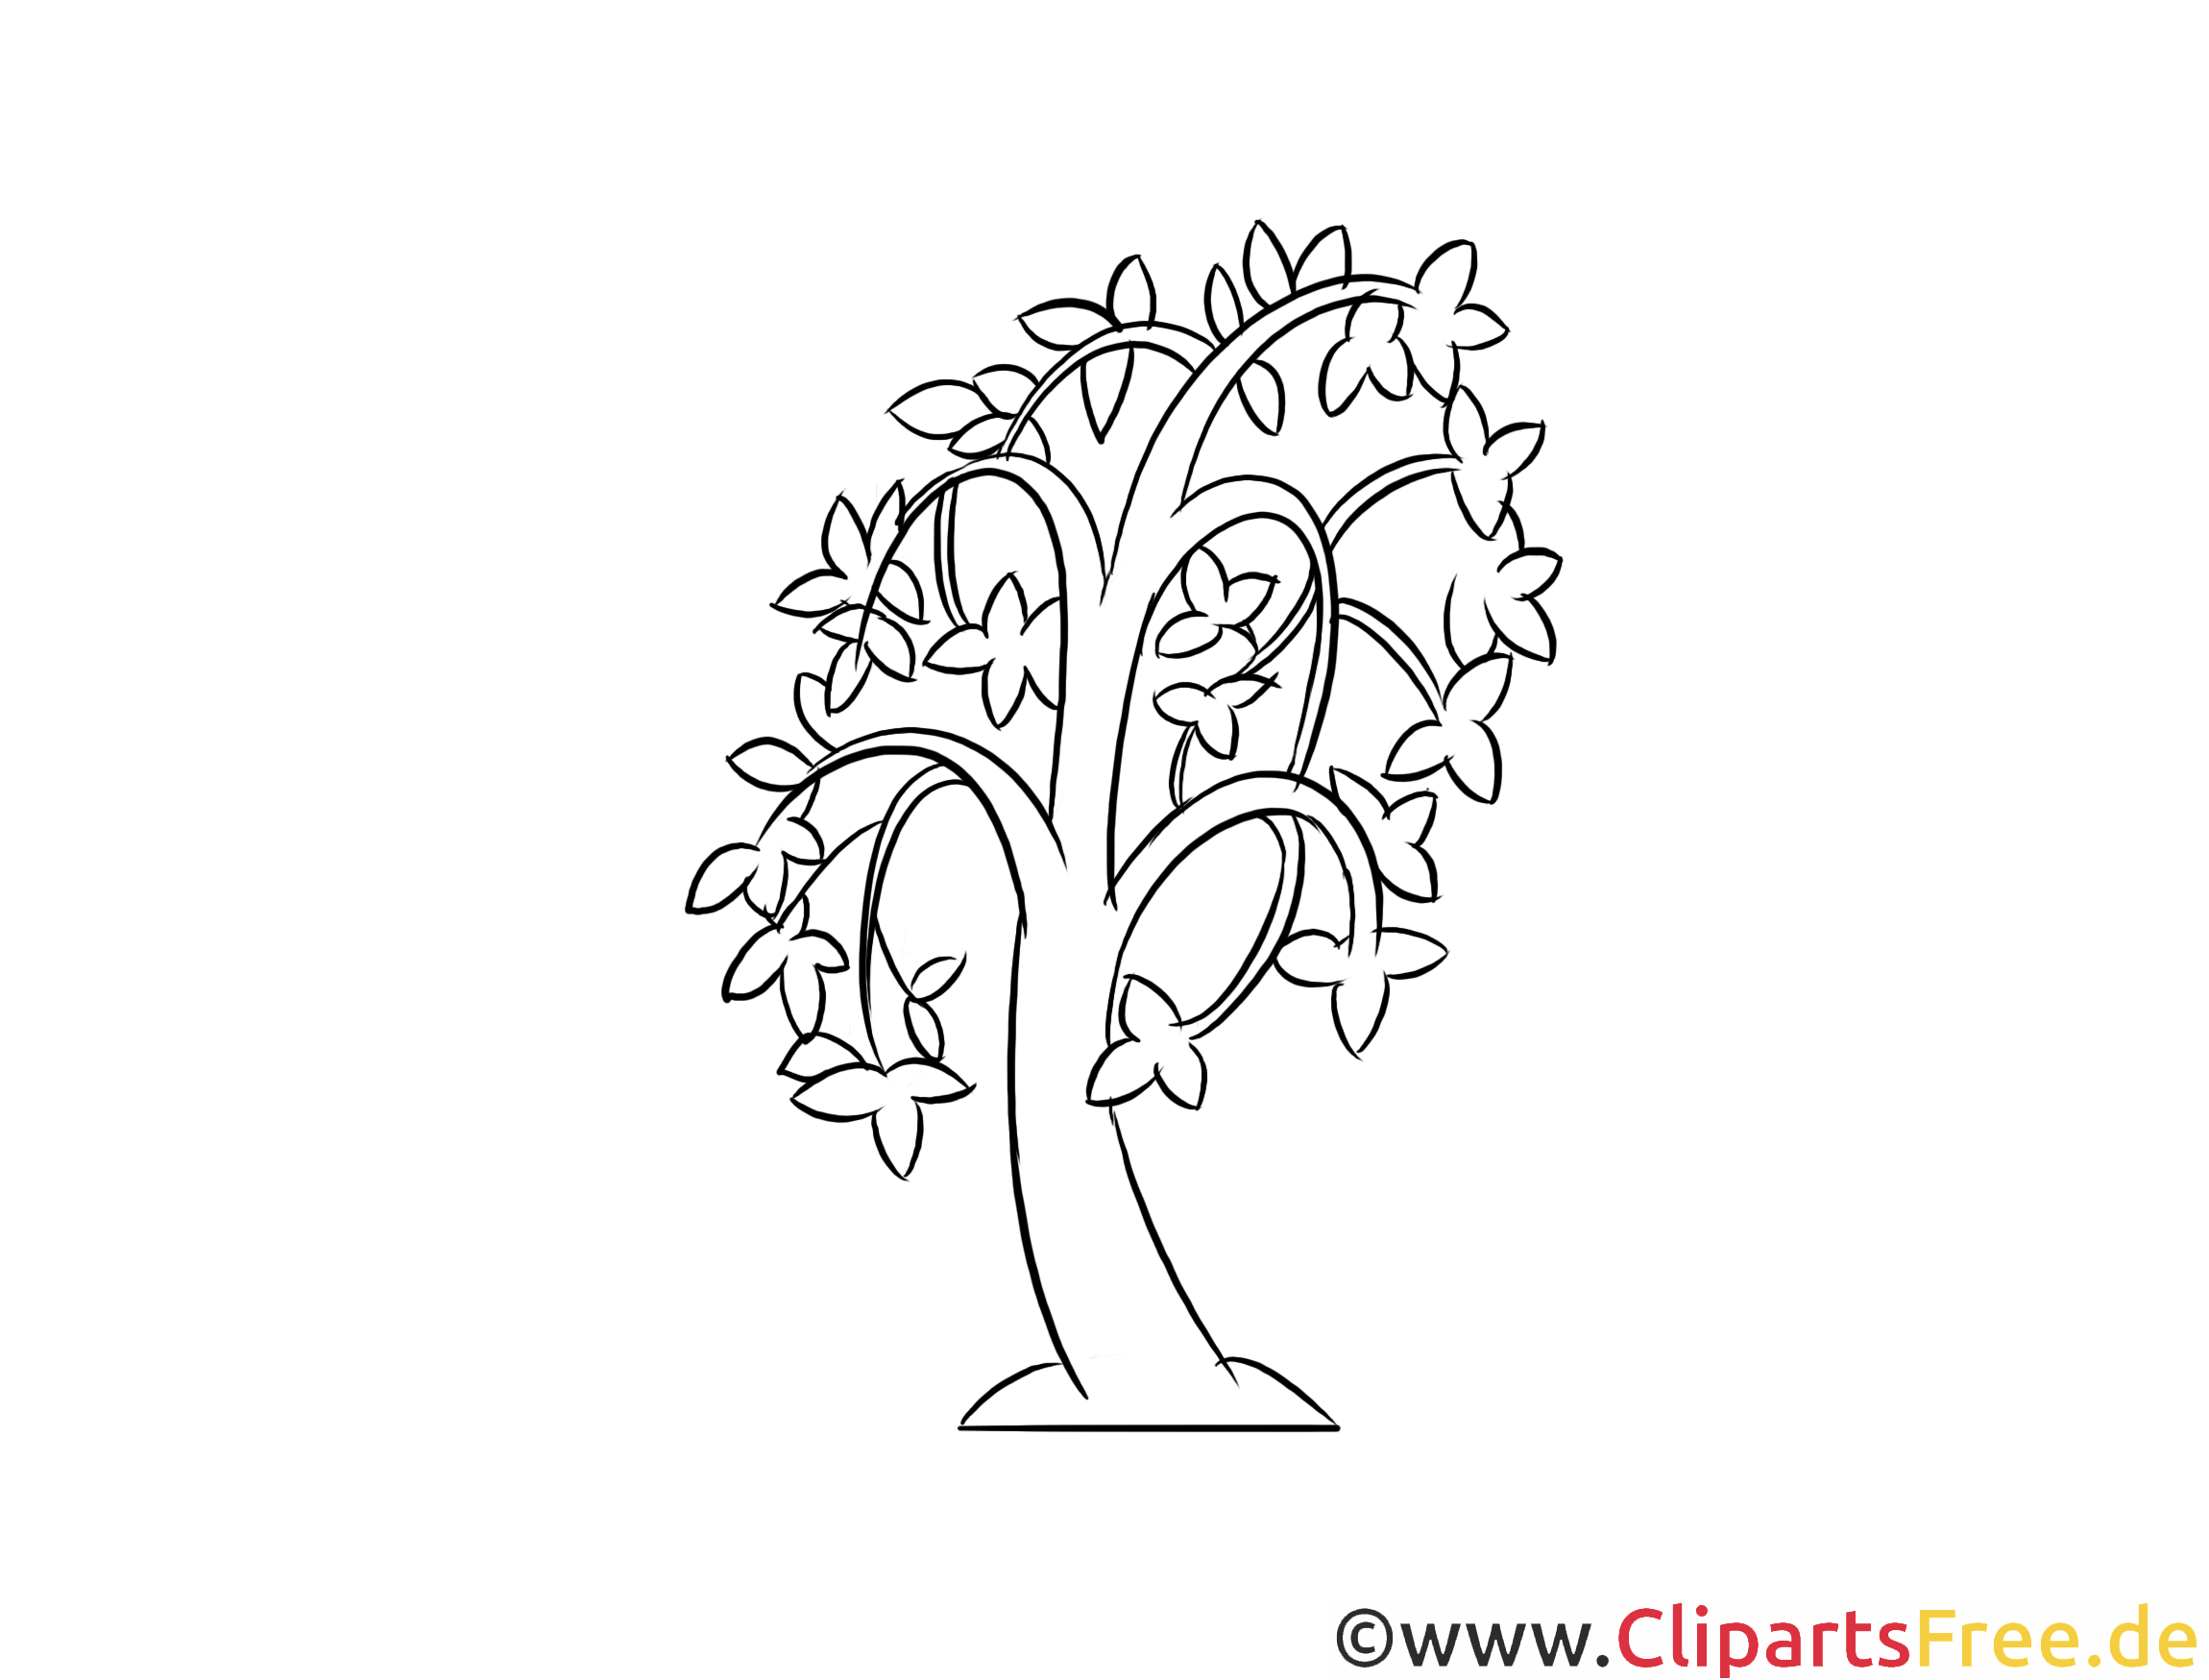 Atemberaubend Kostenlose Druckbare Baum Vorlage Galerie ...